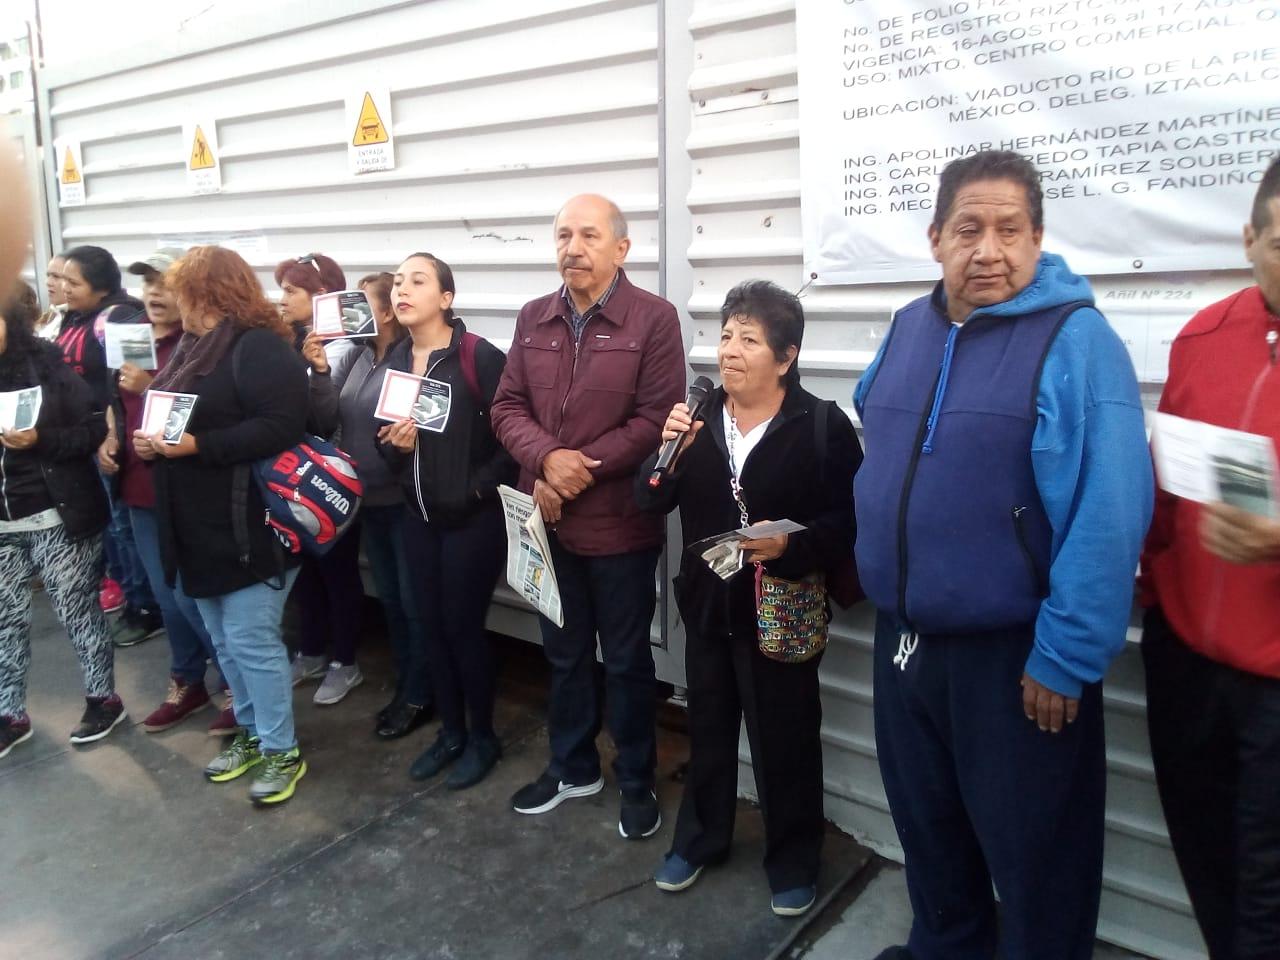 Realizan clausura vecinal a megaproyecto en Iztacalco